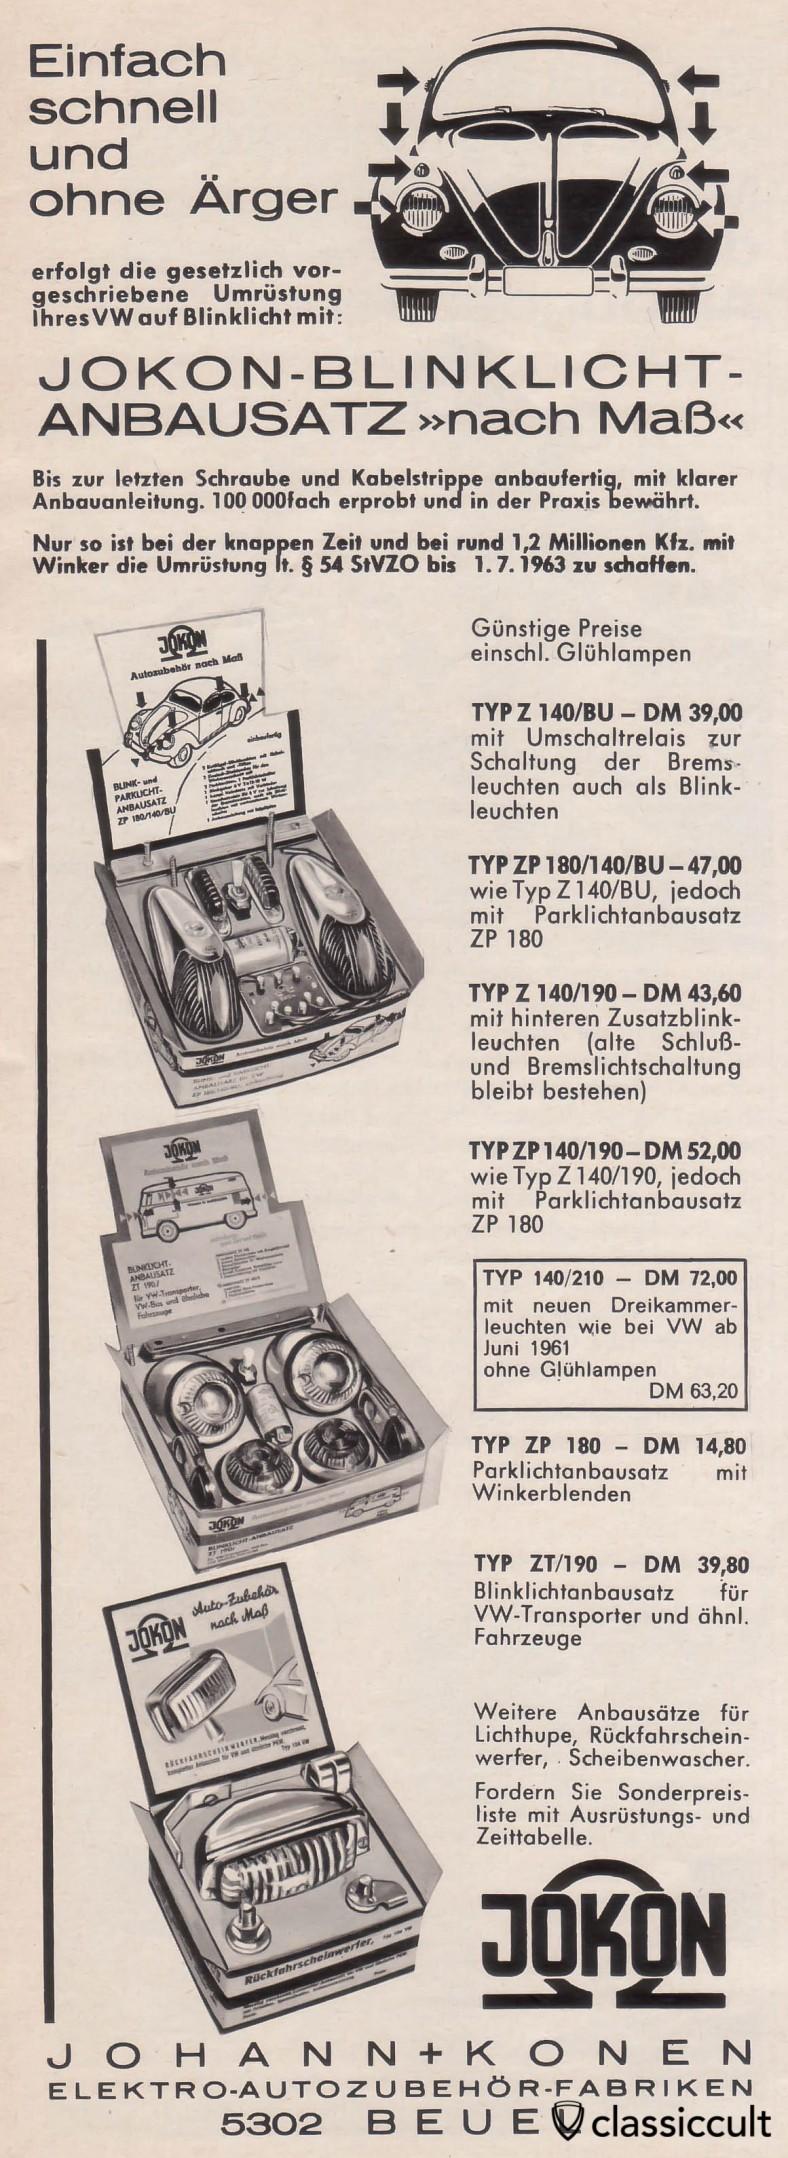 VW Beetle et T1 Bus clignotants feux de stationnement fabriqués en Allemagne par Jokon, source: Gute Fahrt Magazine 06/1963